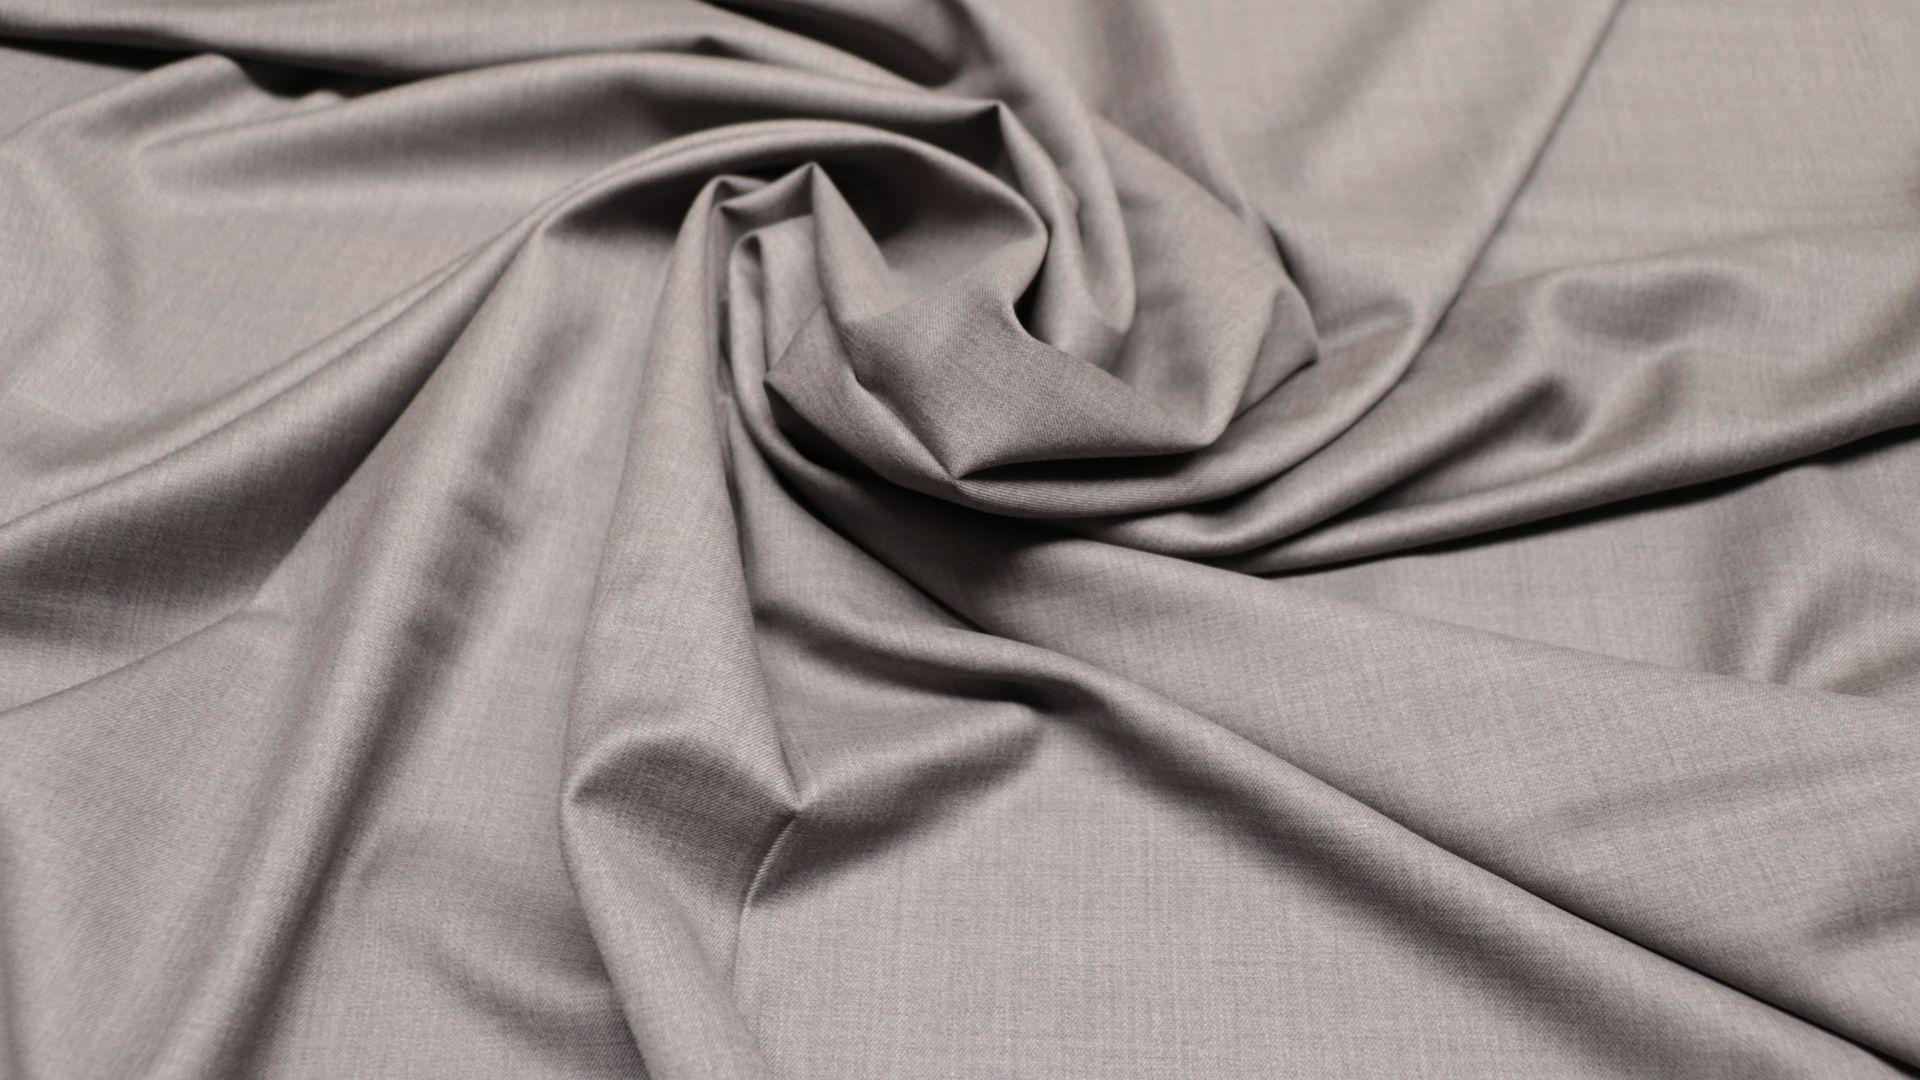 il particolare del tessuto tasmaniawinter1016, appartenente alla categoria uniti lana, di Leadford & Logan